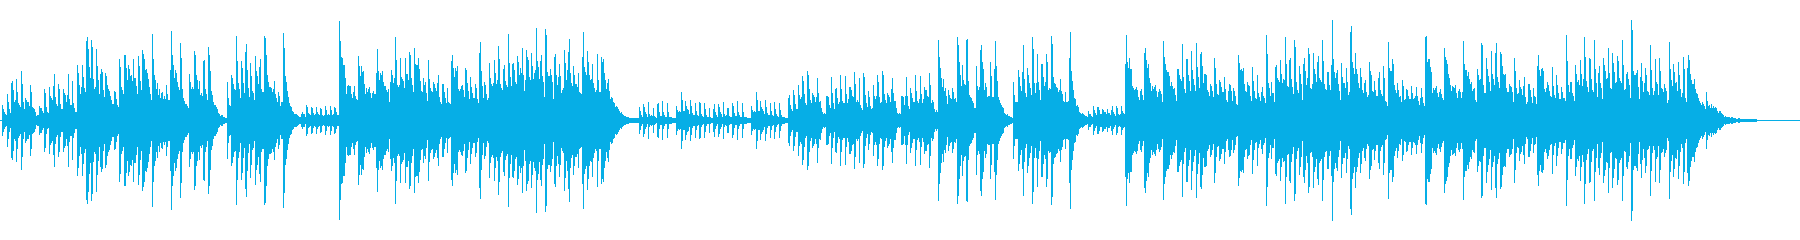 優しいメロディの新感覚ヒーリングピアノの再生済みの波形